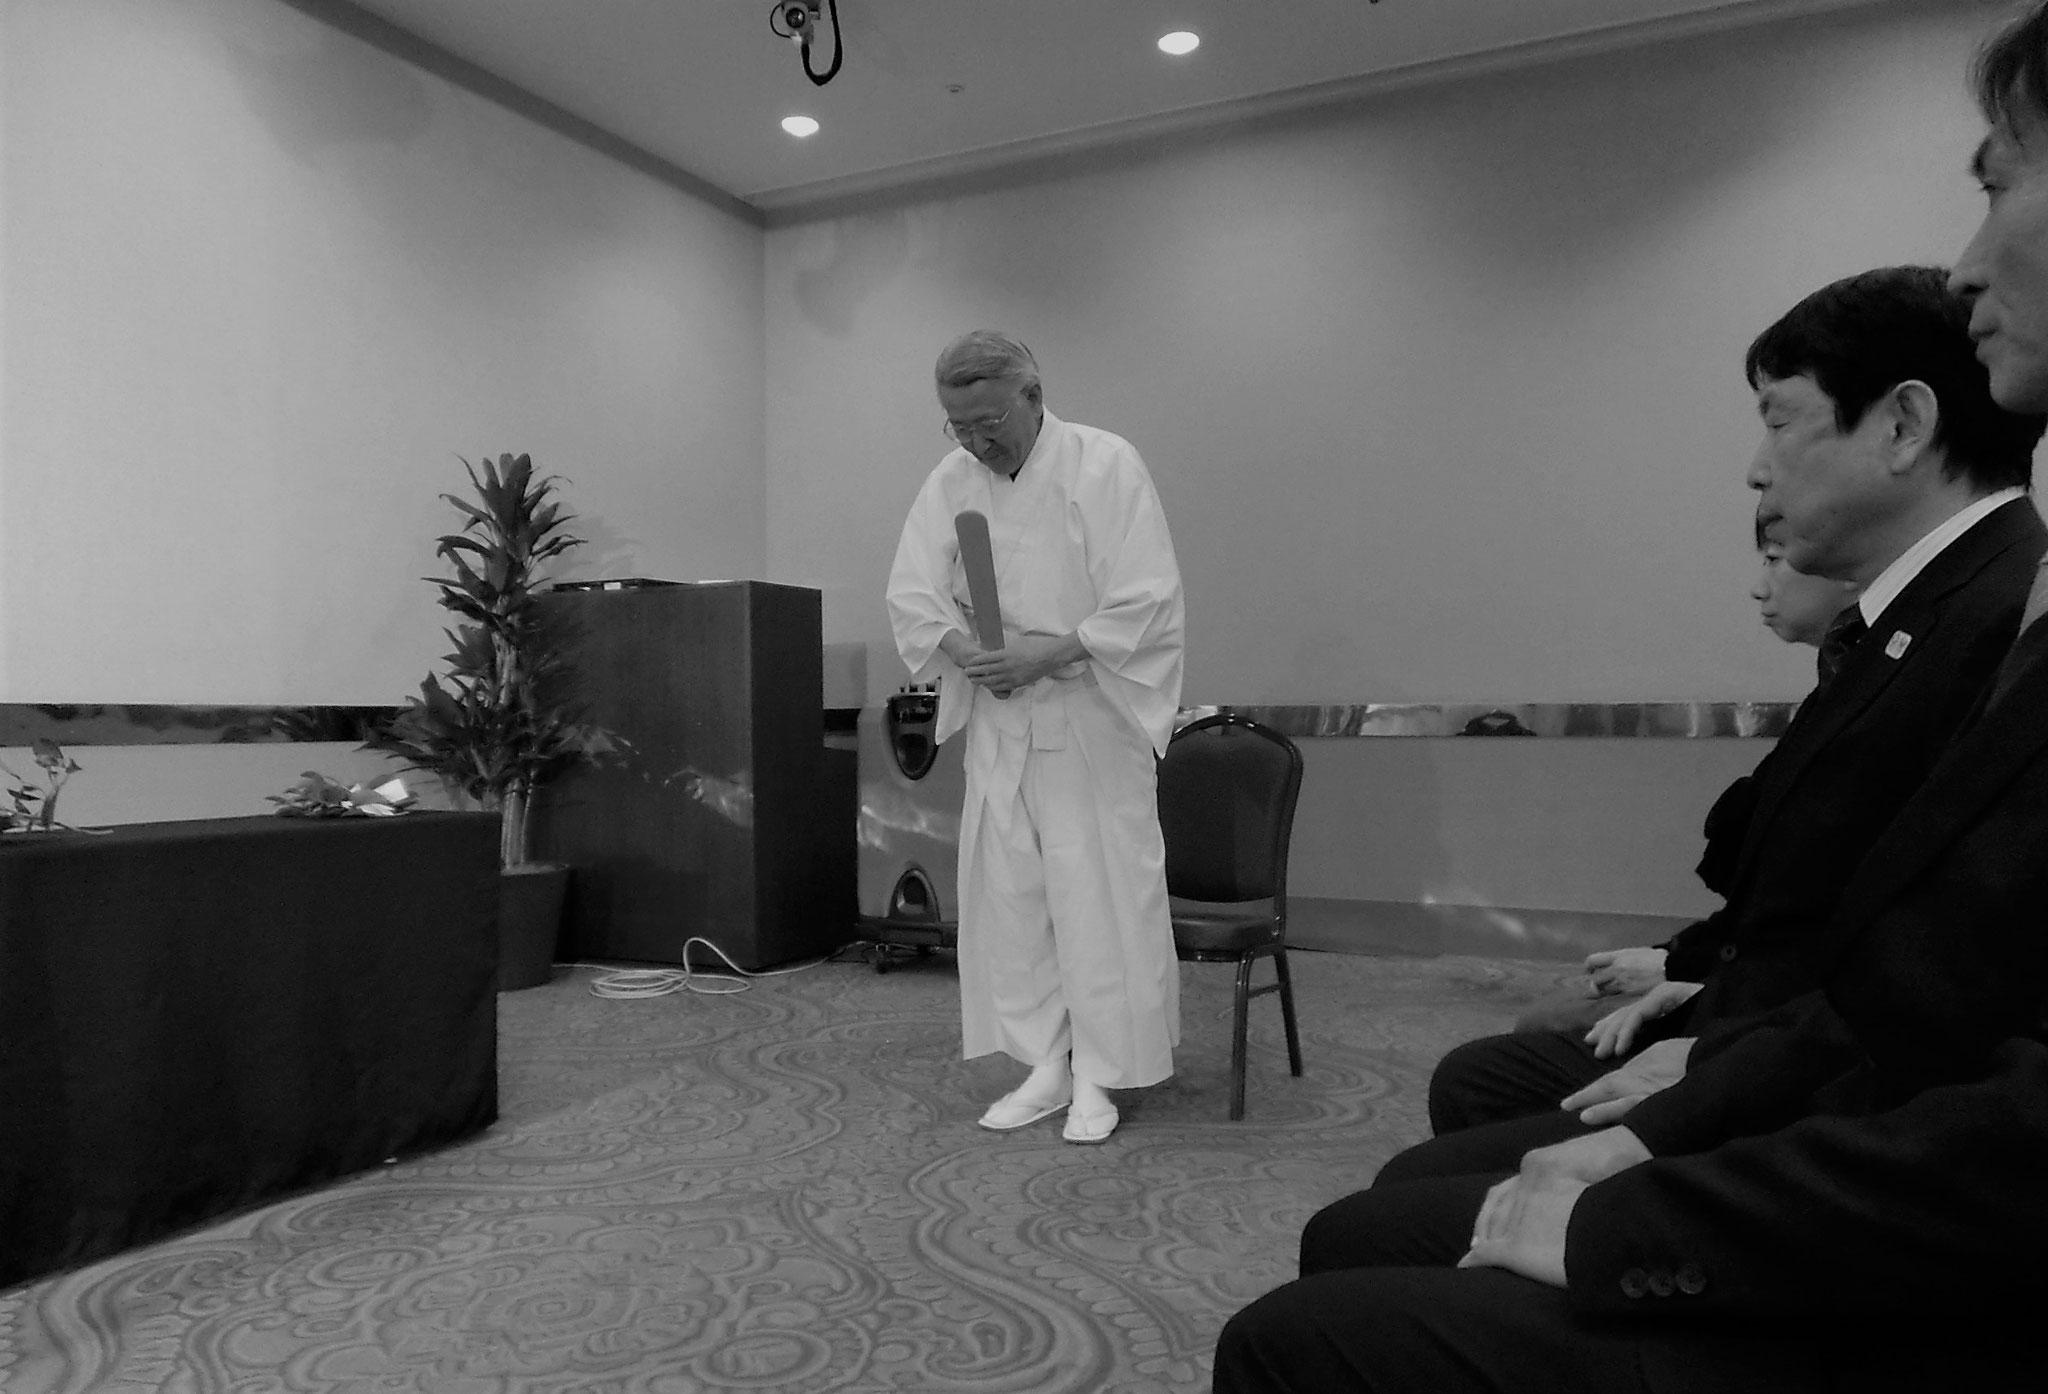 諏訪道場10周年記念式典、弥栄を祈って神事を賜る。